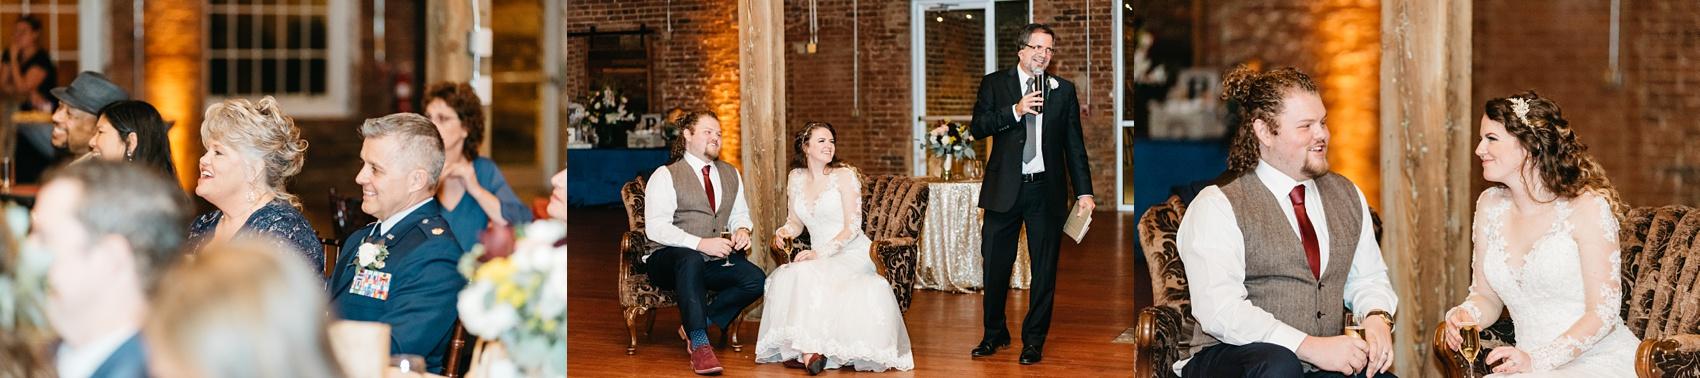 aiken_wedding_photographer_4663.jpg